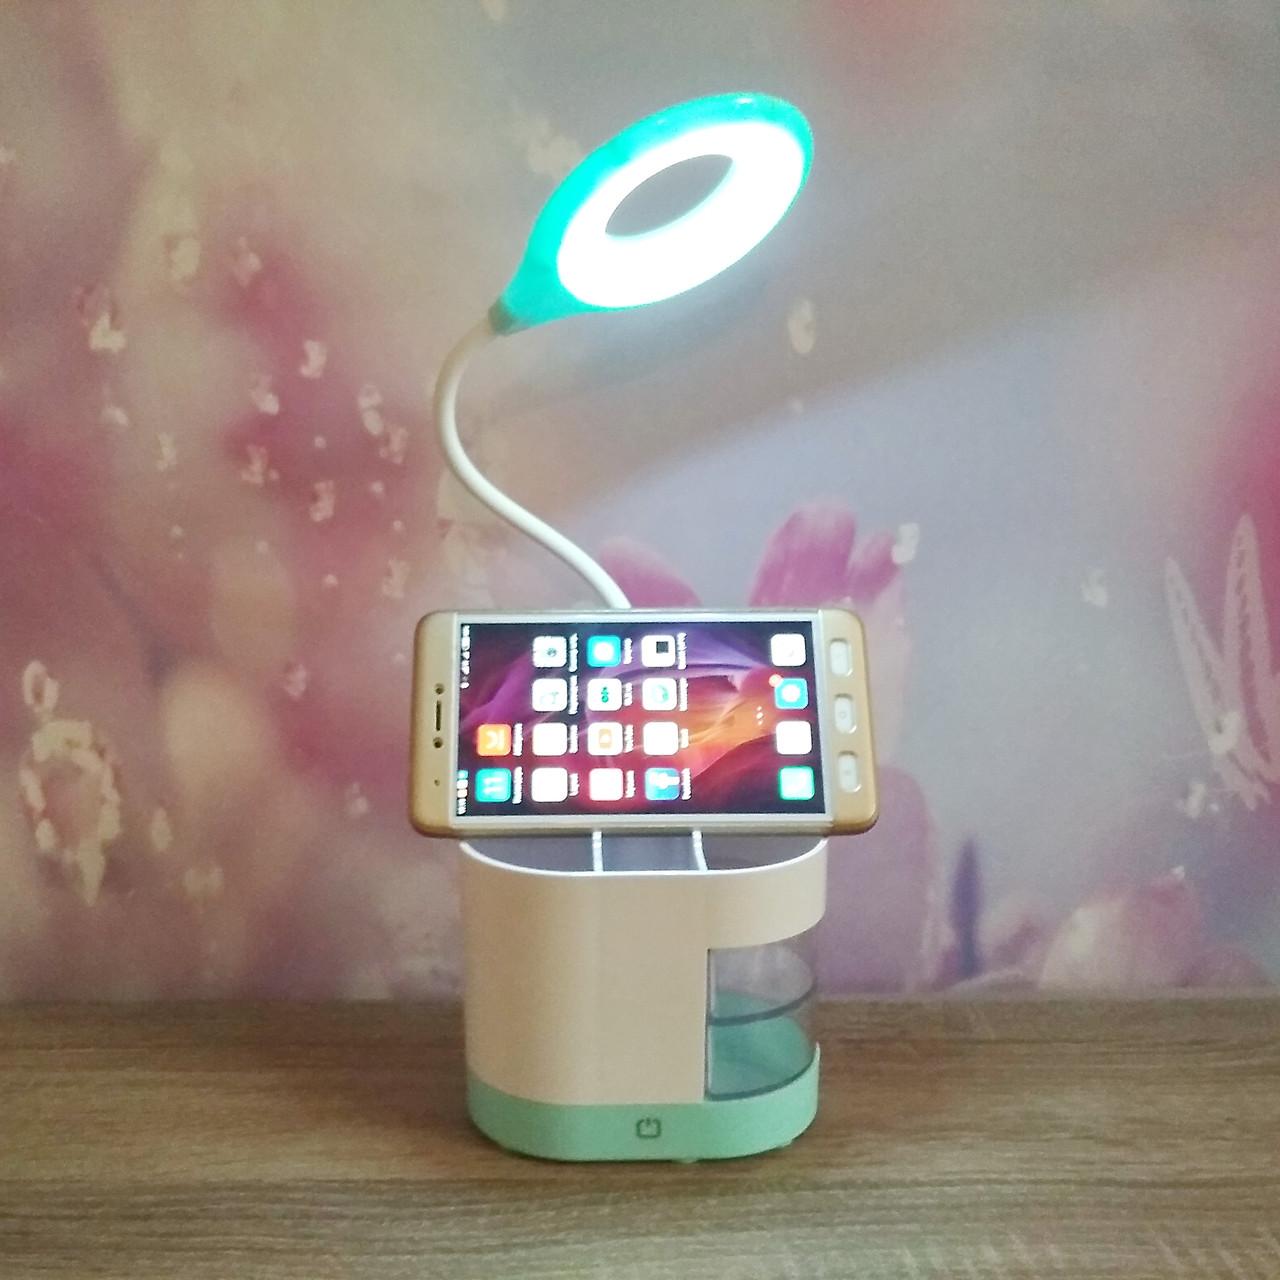 Кольцевая лампа-органайзер ITEM 6575 с подставкой для телефона на аккумуляторе.